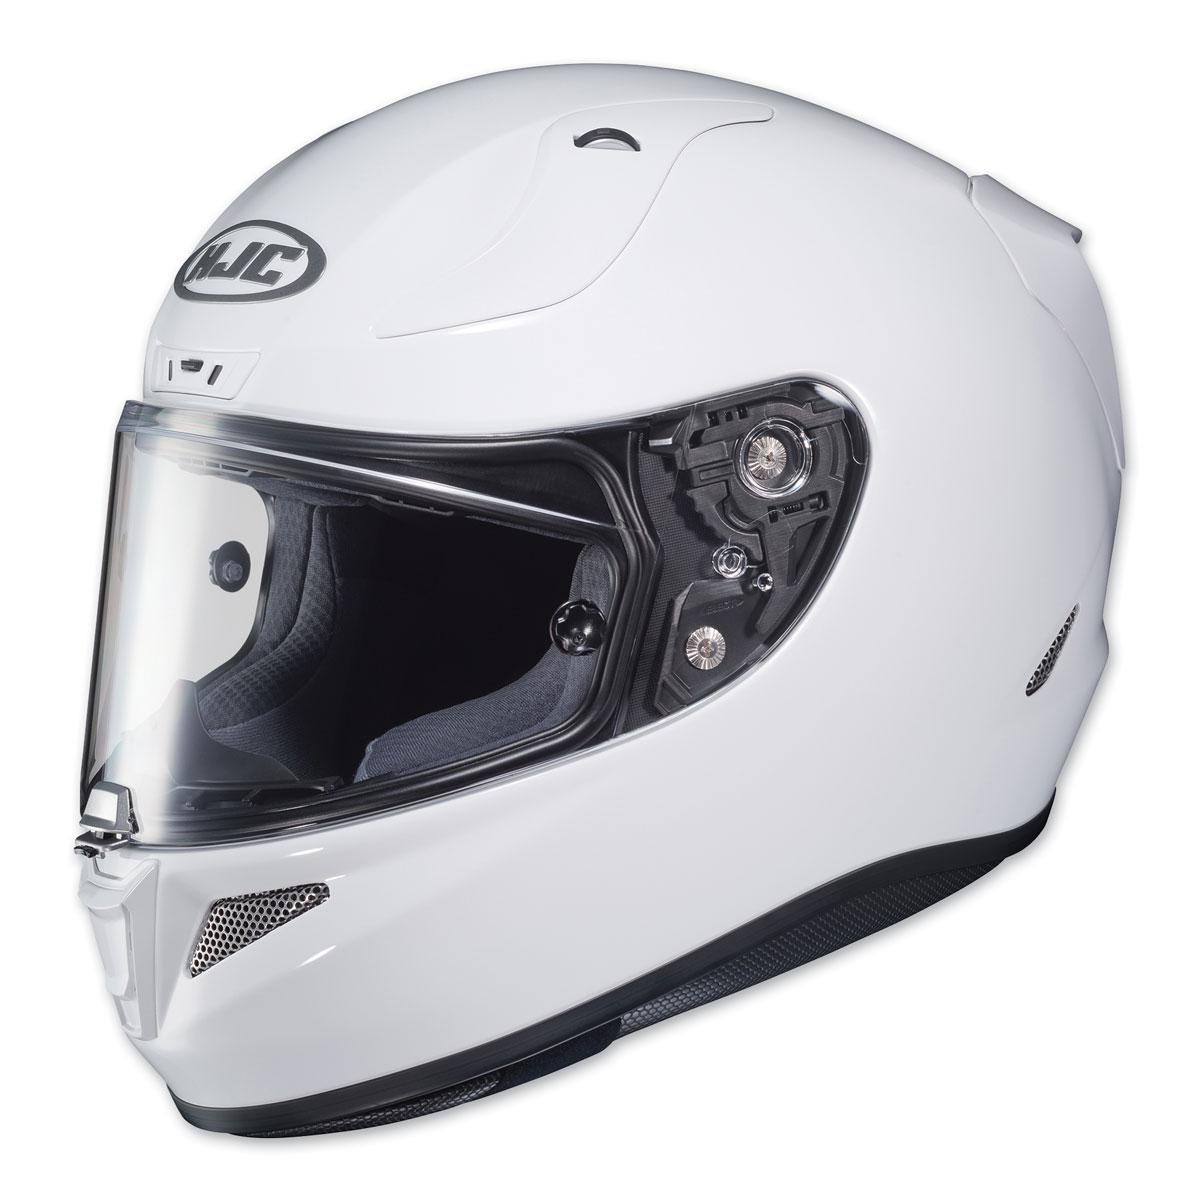 HJC RPHA 11 Pro White Full Face Helmet